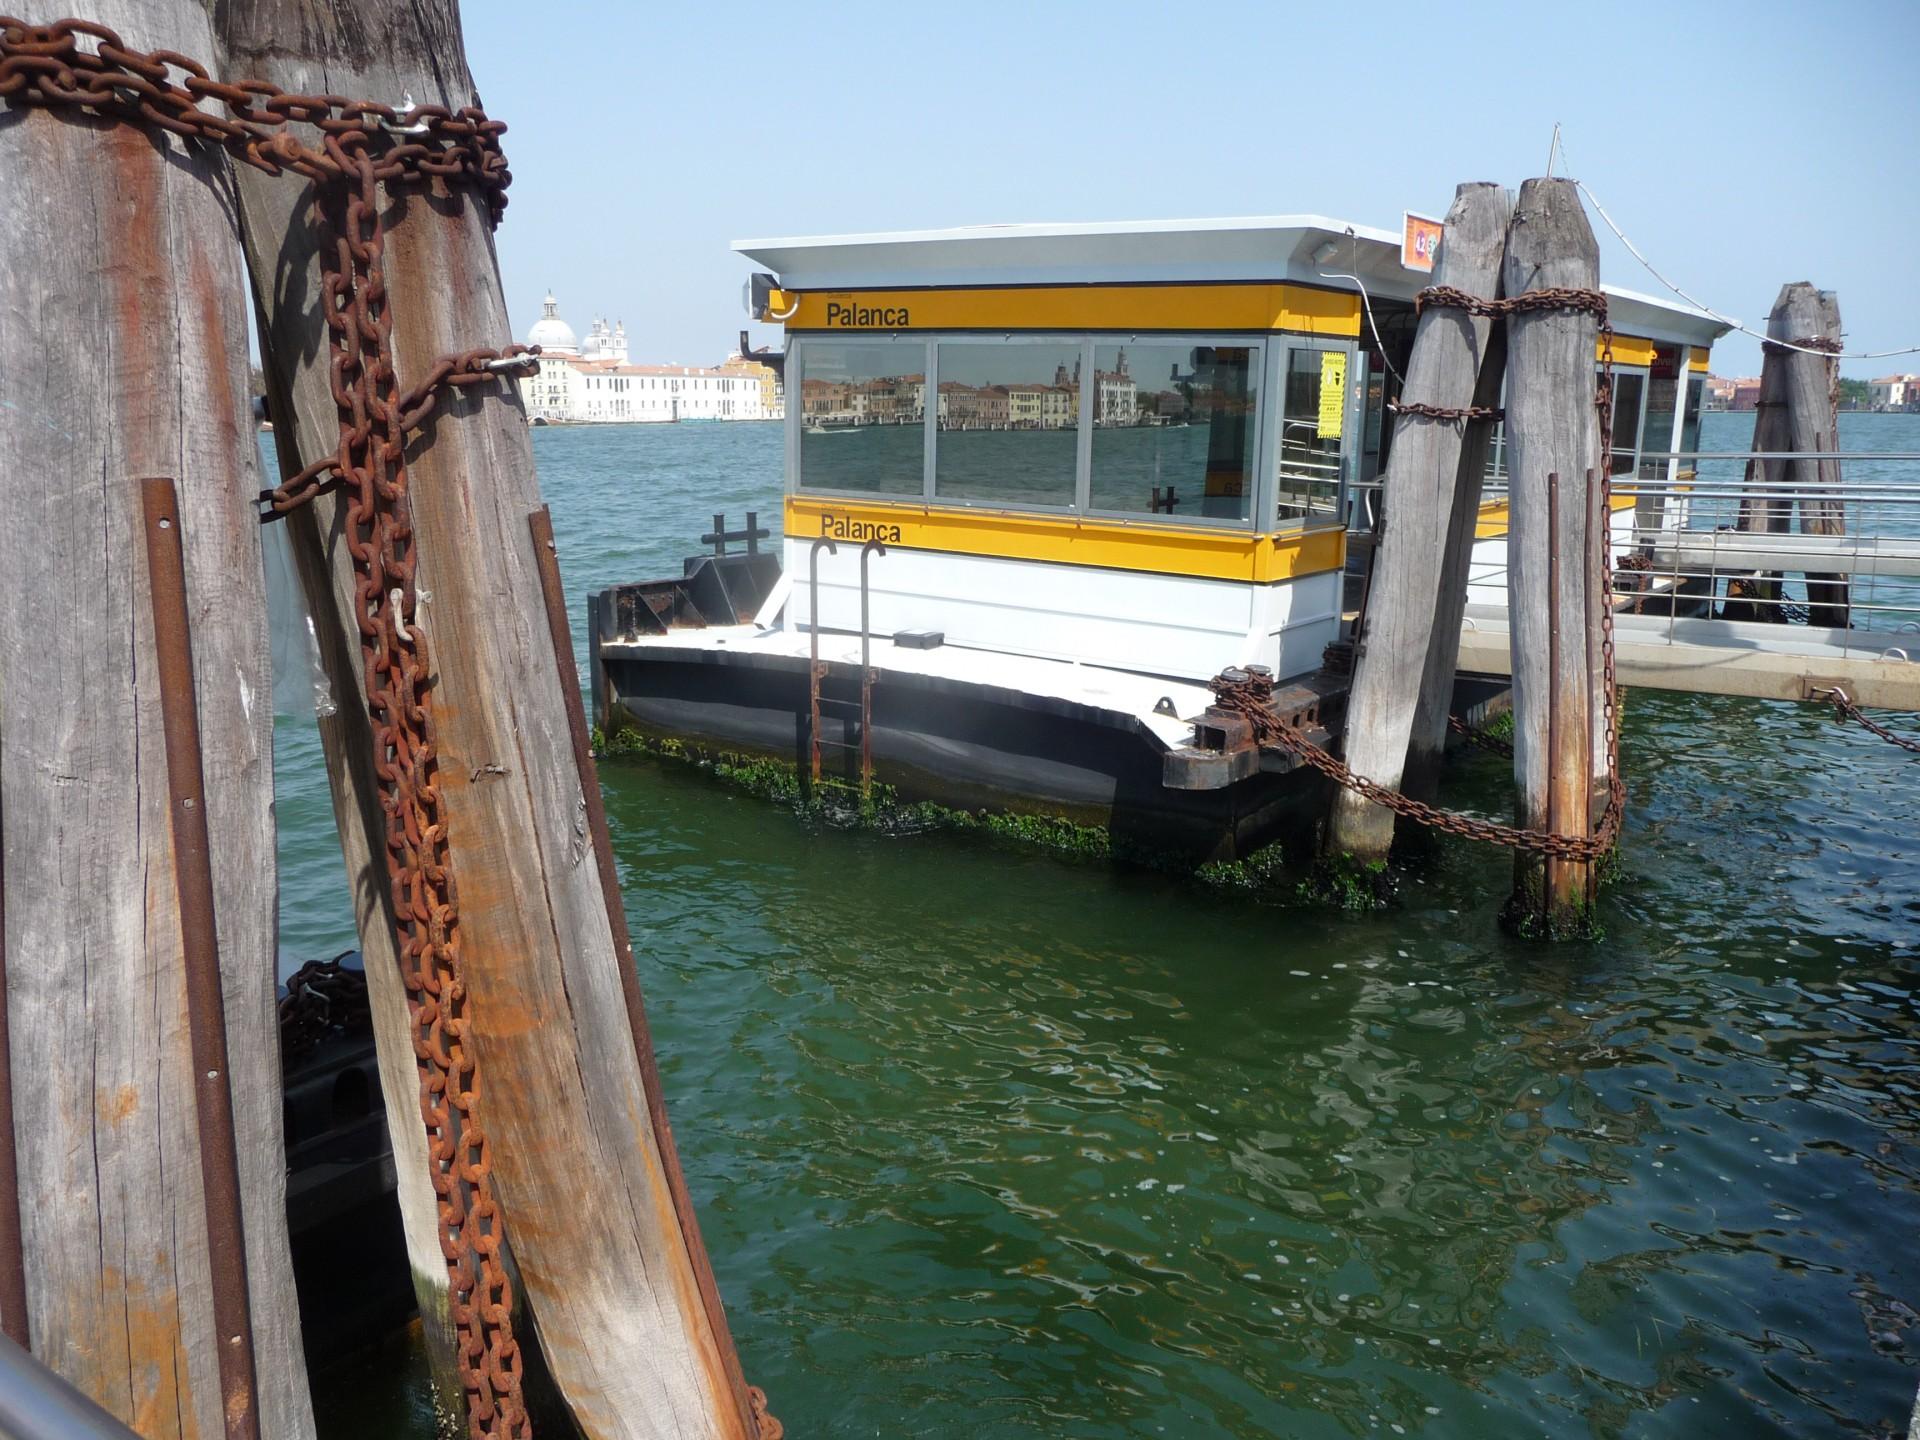 Venedig, schwimmende Haltestelle für die Vaporetti